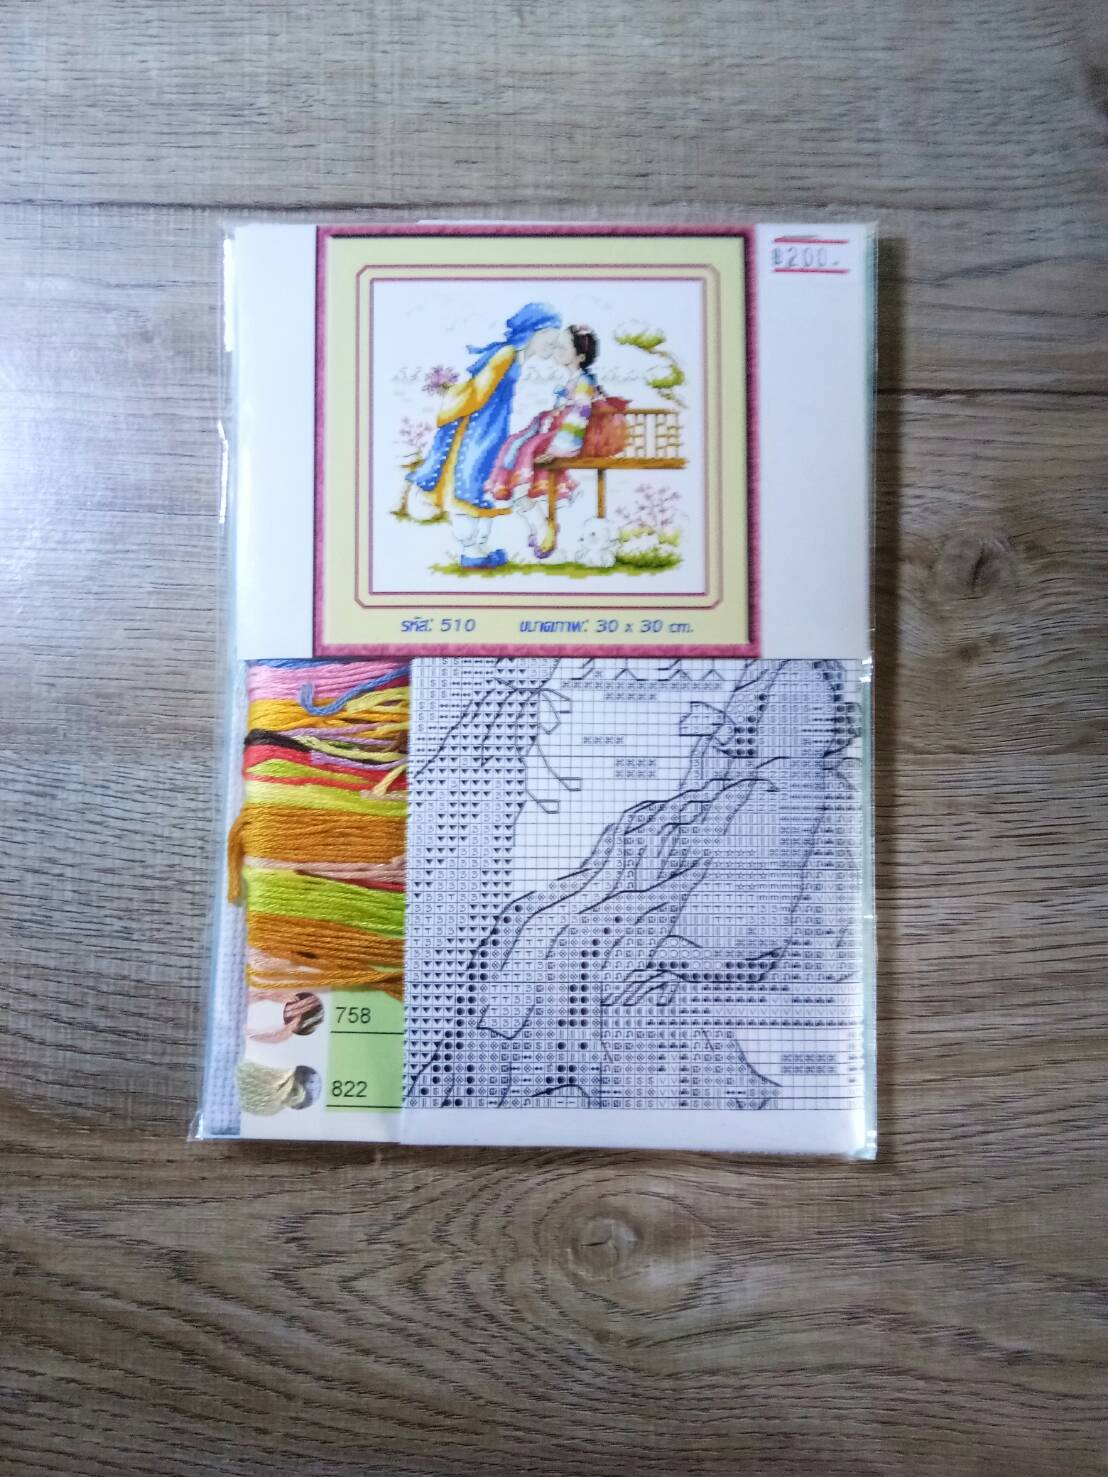 ชุดปักครอสติช ลายการ์ตูน ขนาด 30*30 ซม.ผ้าครอสติช 14 CT ไม่พิมพ์ลายปัก ไหมคอตตอน สี+ผังลาย+เข็ม (ส่งฟรี)